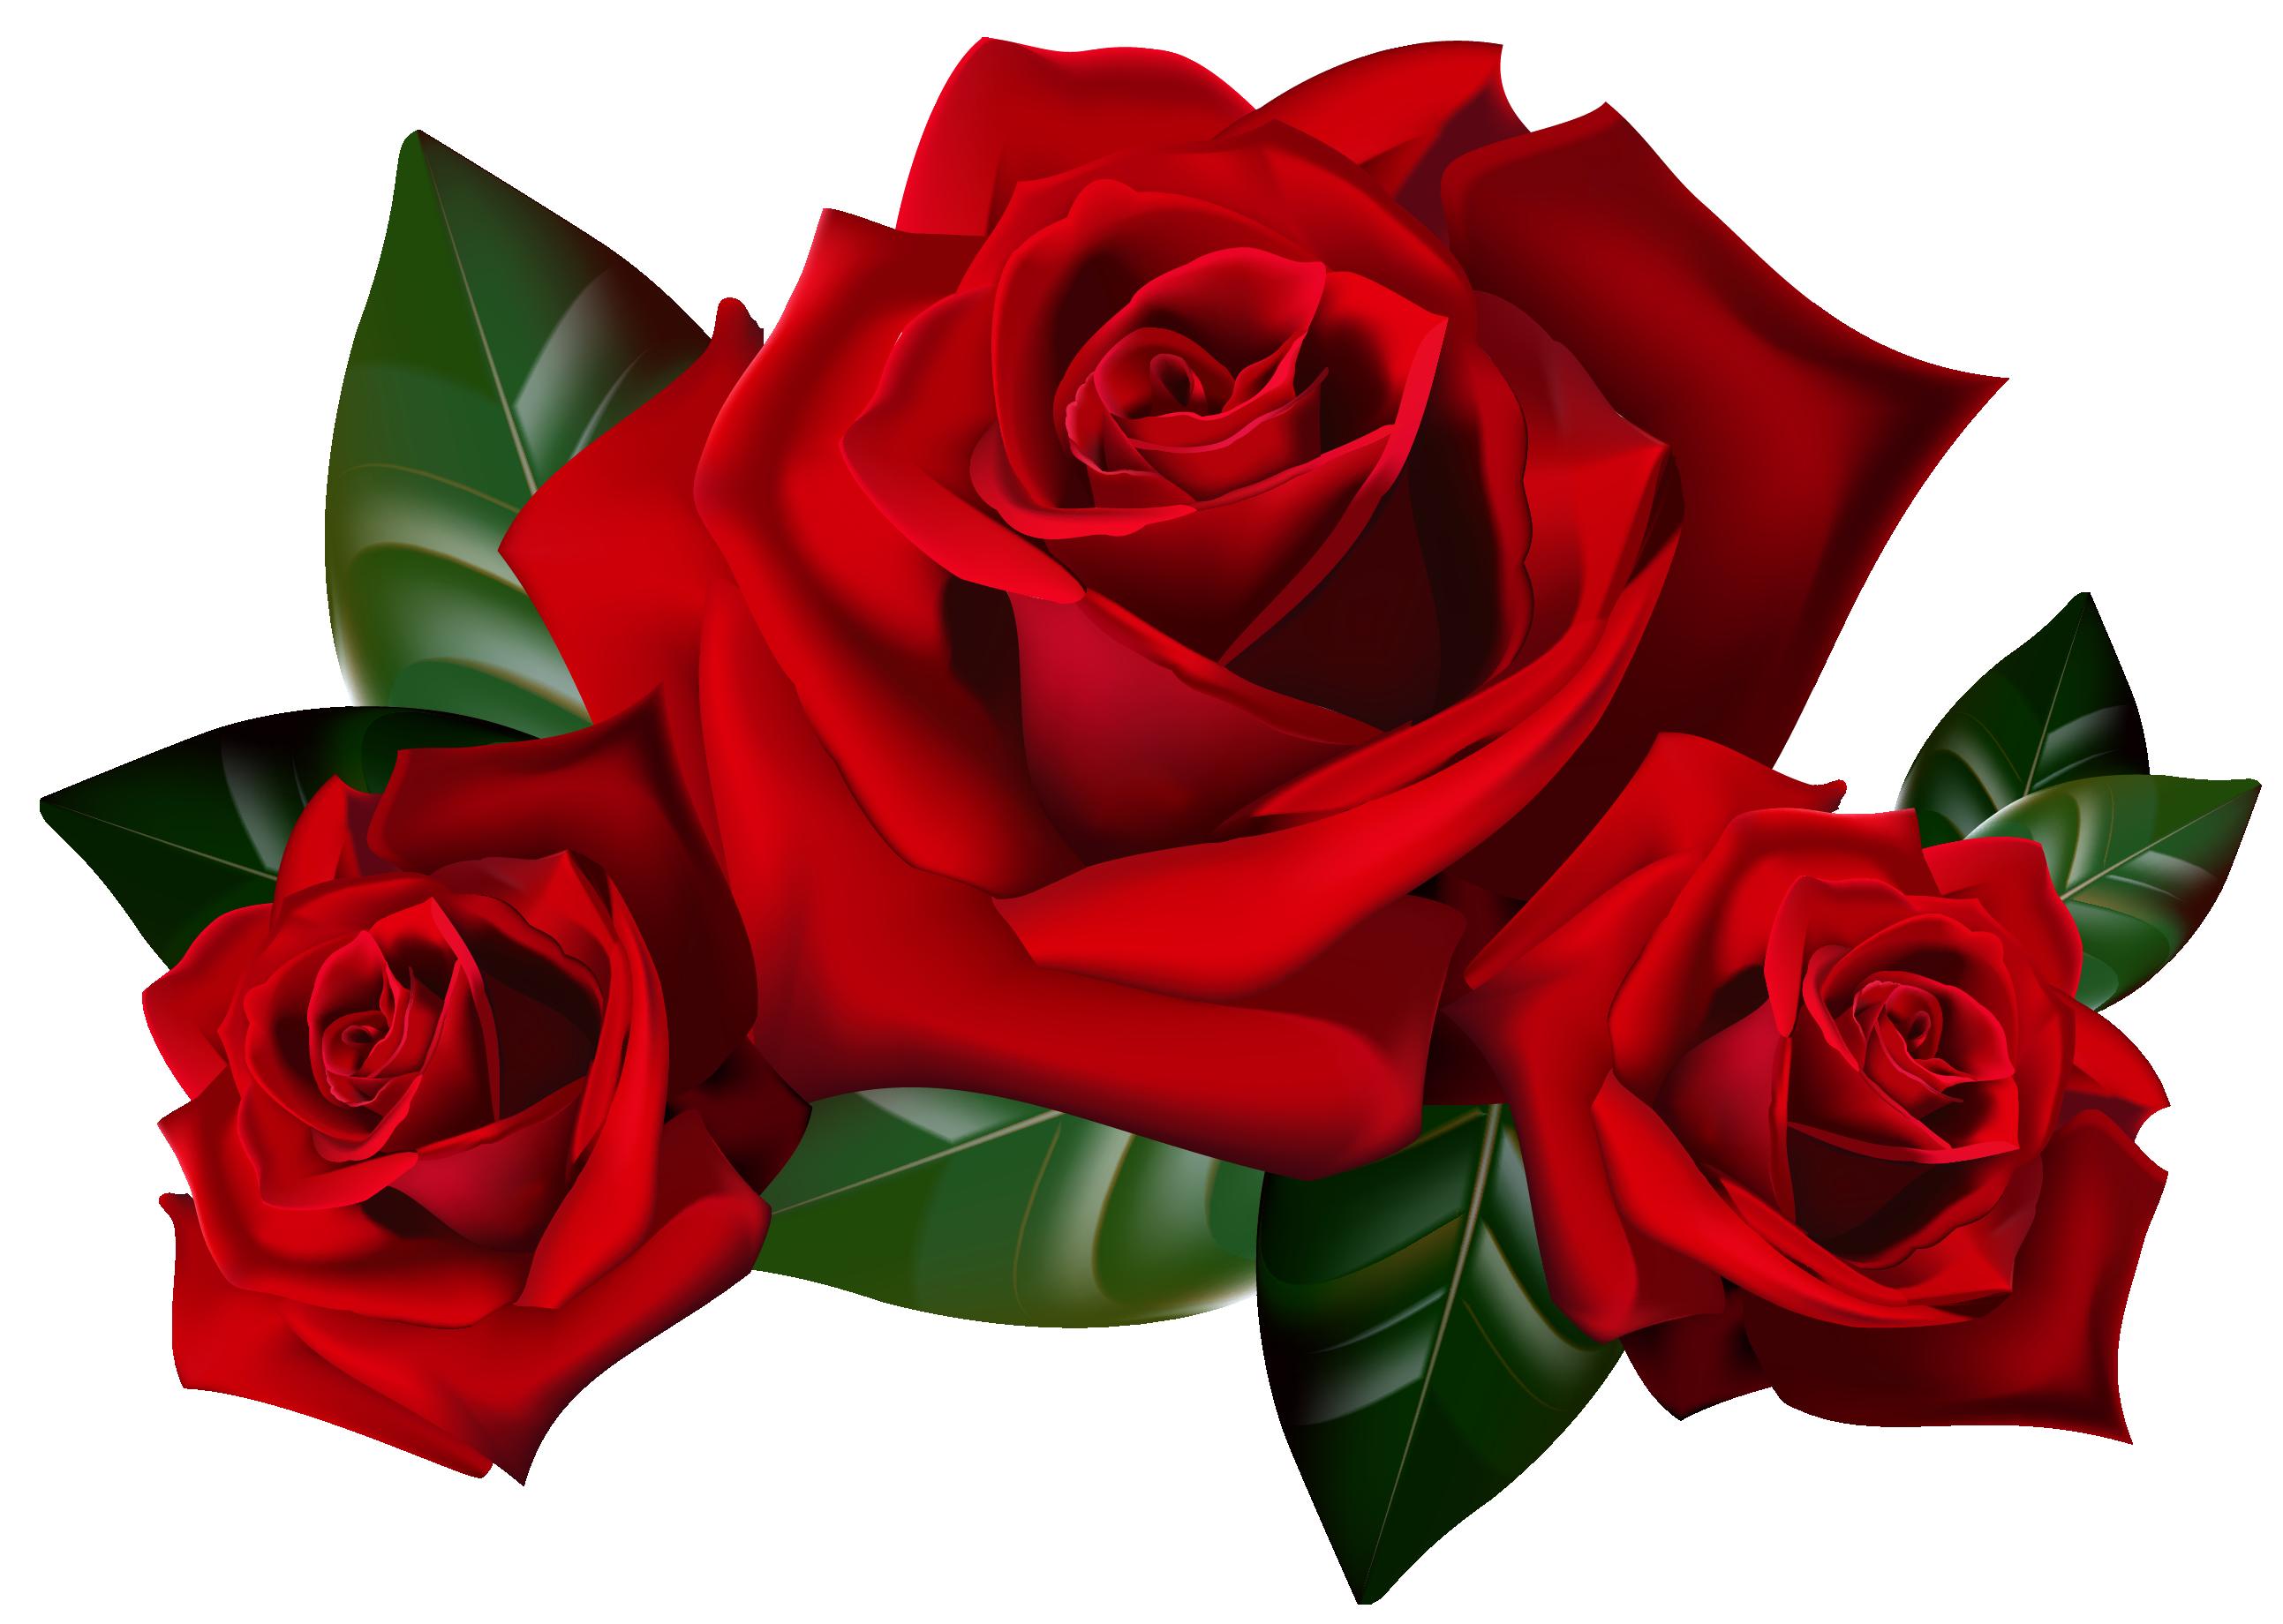 Hasil gambar untuk bunga mawar deviant art in 2019.